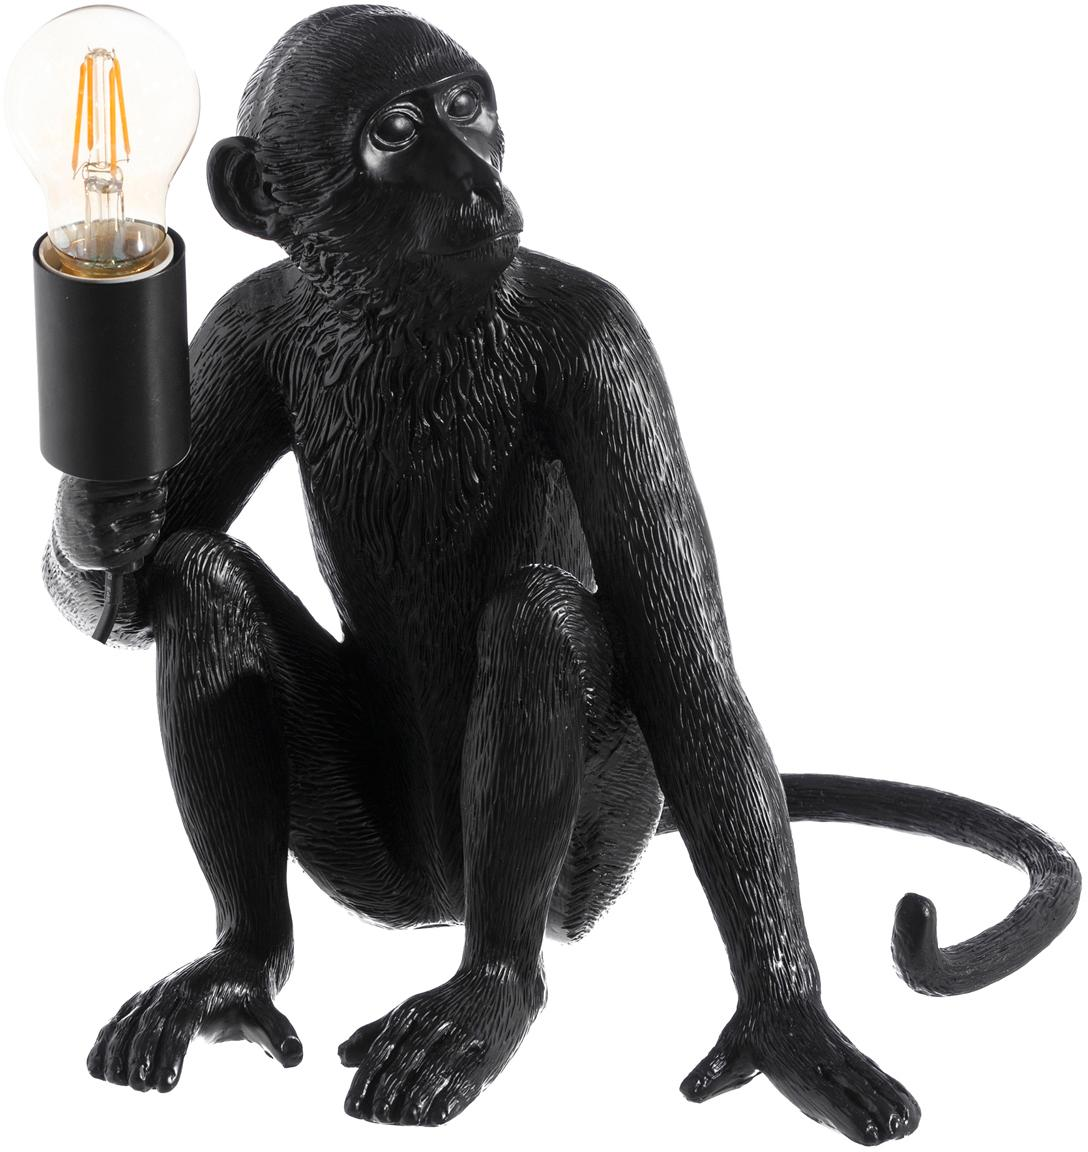 Tischlampe Monkey, Schwarz, 31 x 31 cm